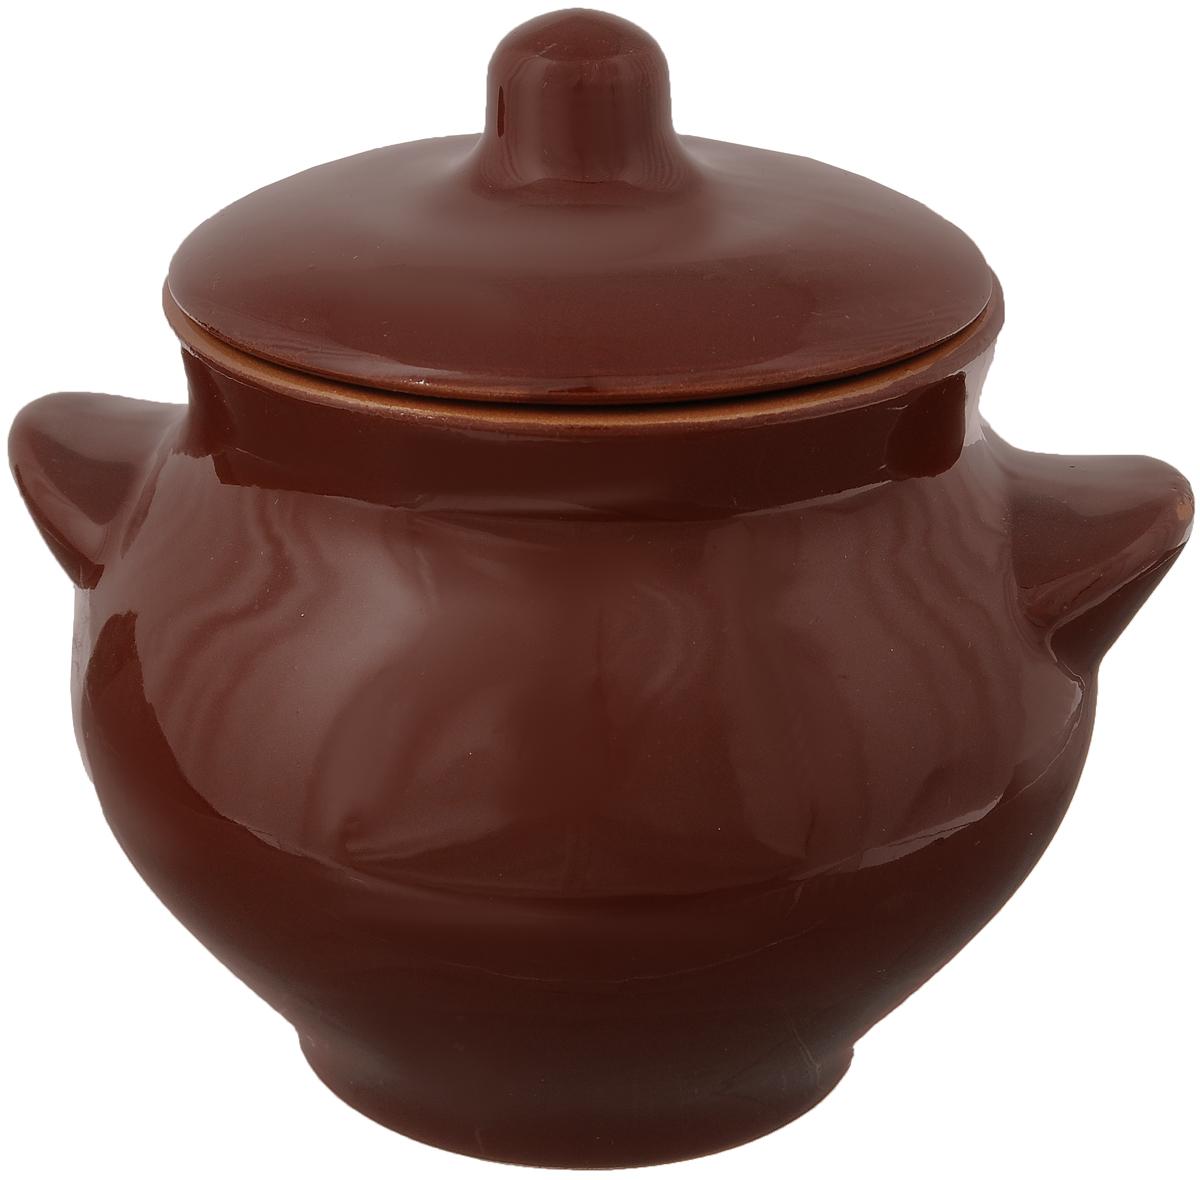 Горшочек для запекания Борисовская керамика Радуга, цвет: коричневый, 550 млРАД00000328_коричневыйГоршочек для запекания Борисовская керамика Радуга выполнен из высококачественной красной глины. Уникальные свойства красной глины и толстые стенки изделия обеспечивают эффект русской печи при приготовлении блюд. Блюда, приготовленные в таком горшочке, получаются нежными и сочными. Вы сможете приготовить мясо, сделать томленые овощи и все это без капли масла. Это один из самых здоровых способов готовки. Диаметр горшка (по верхнему краю): 9,5 см. Высота стенок: 11 см.